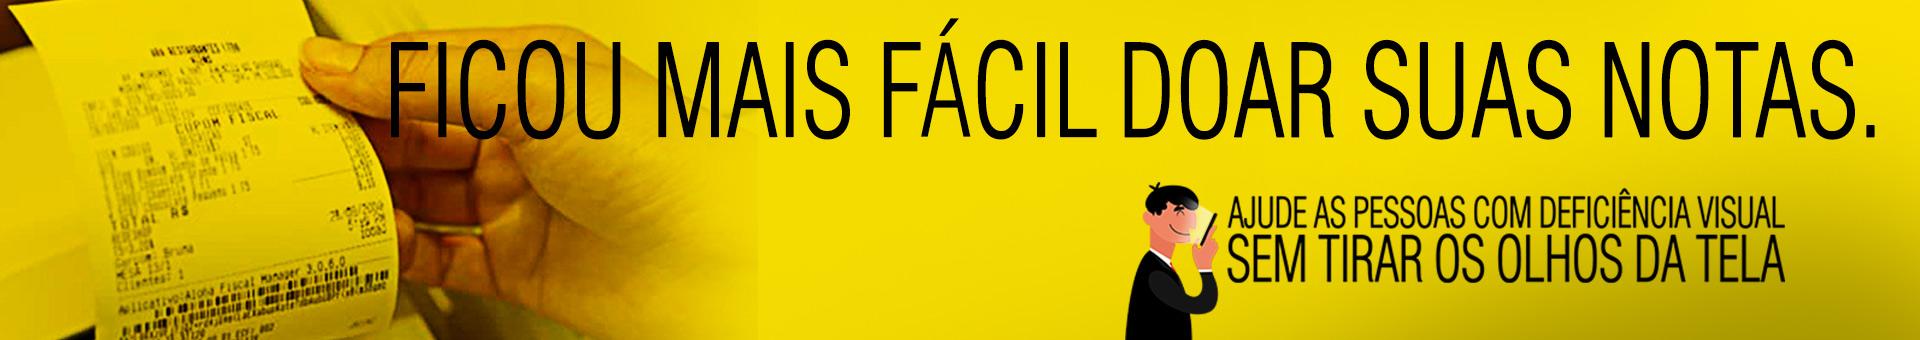 """Banner amarelo, com uma foto de uma mão segurando uma Nota Fiscal Paulista à esquerda. Com a frase em preto """"Ficou mais fácil doar suas notas."""". Na margem inferior direita tem uma ilustração de um homem com roupa preta segurando um celular próximo a tela e a frase em preto: """"Ajude as pessoas com deficiência visual sem tirar os olhos da tela""""."""